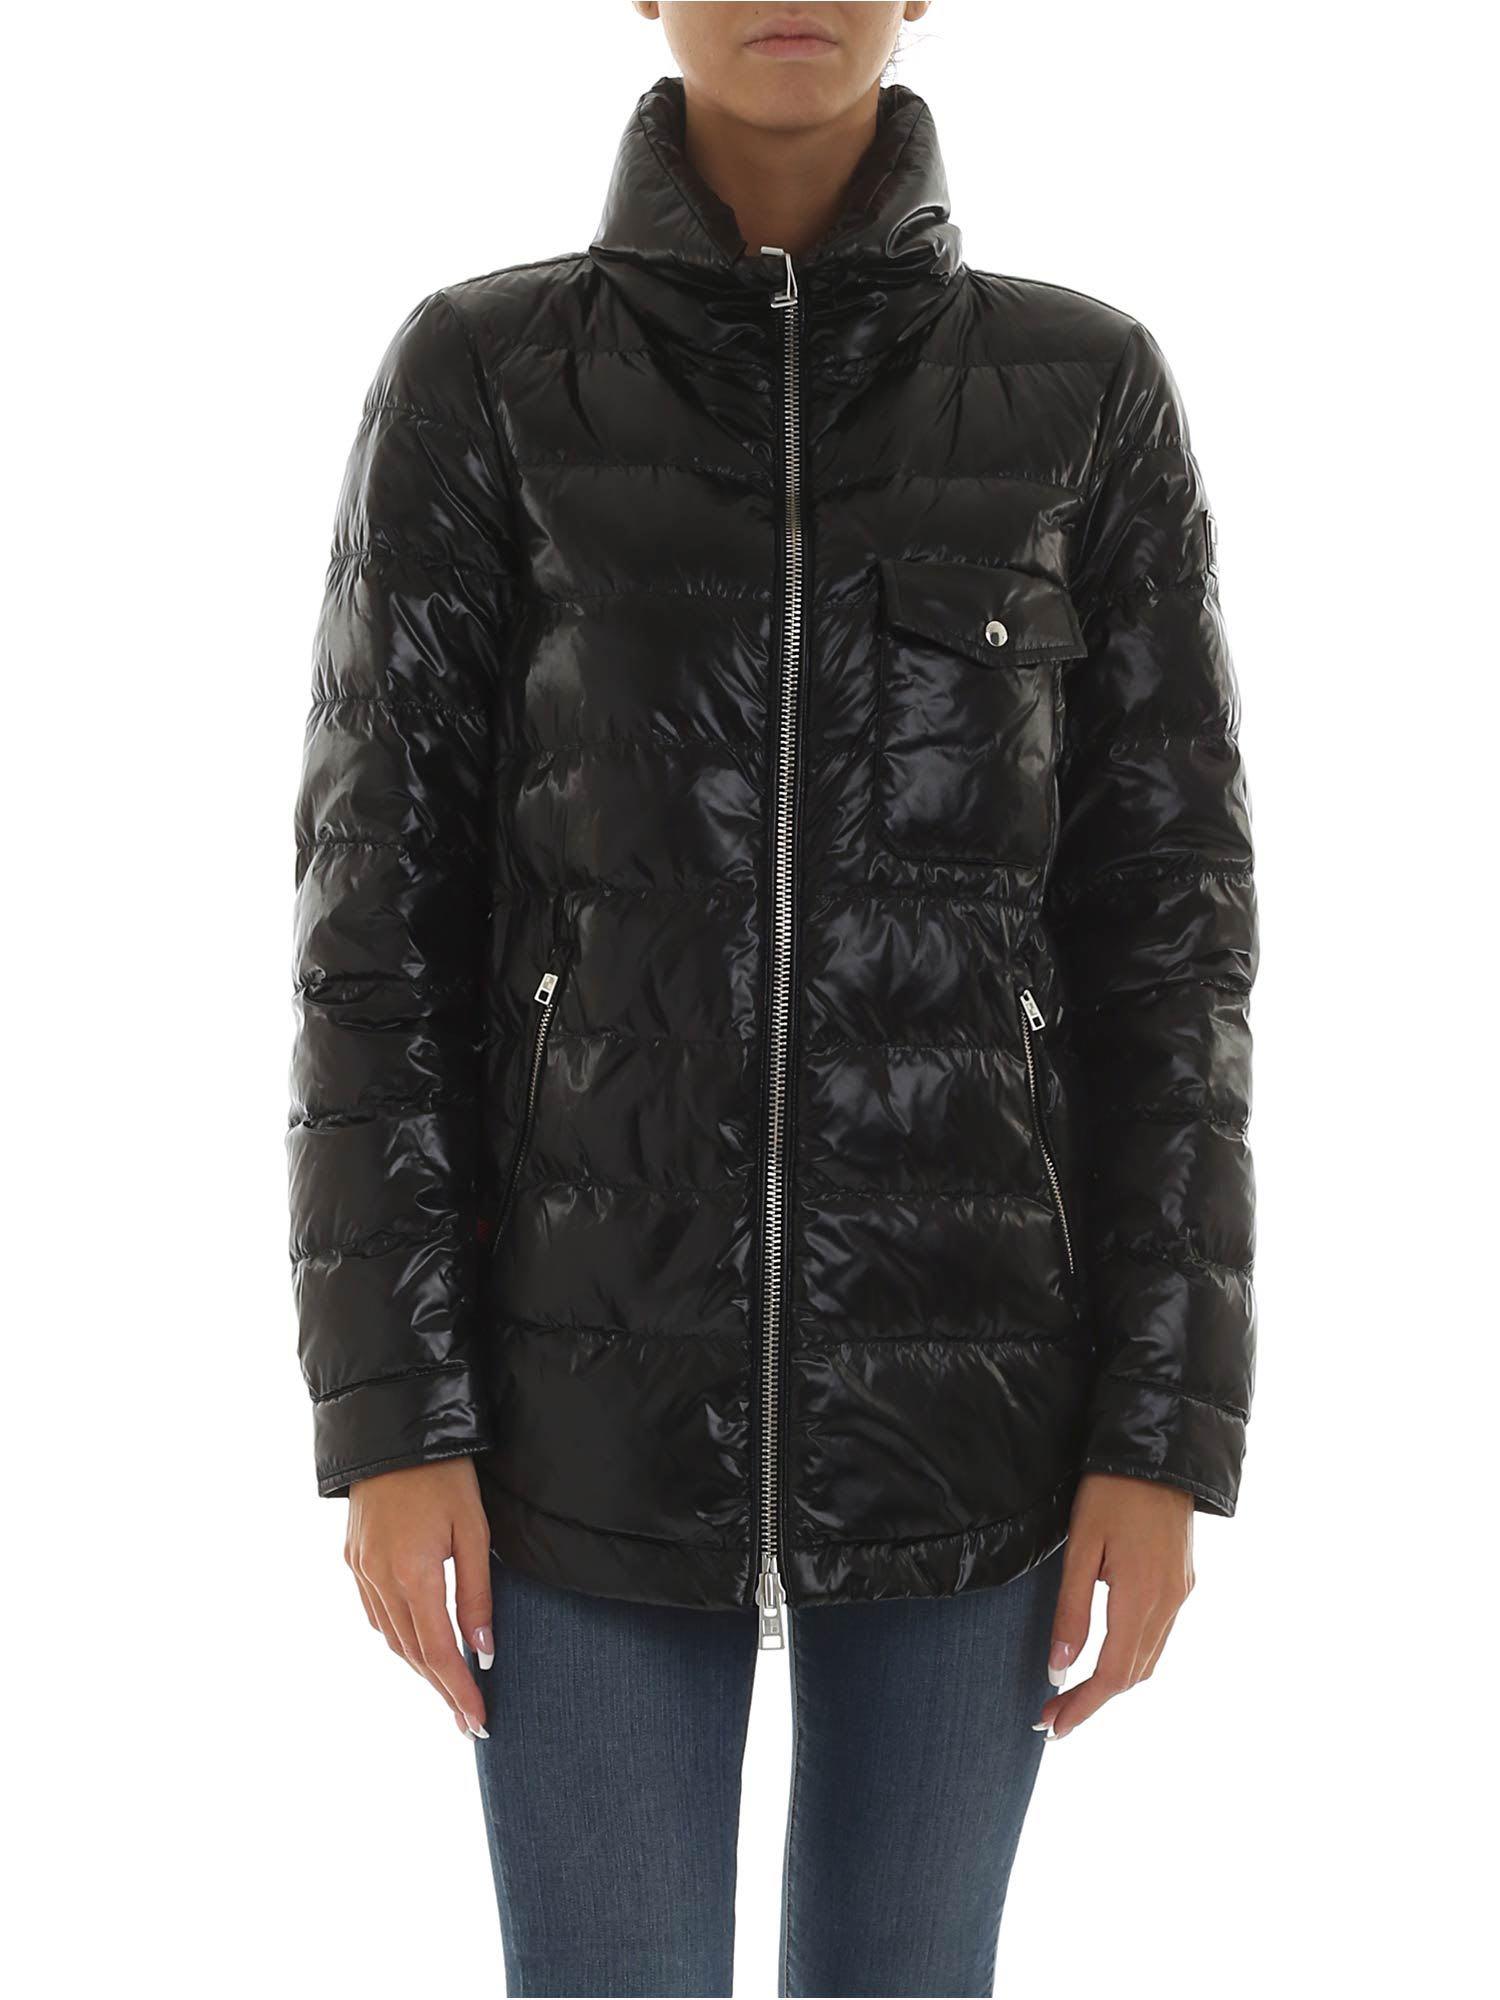 Woolrich – Alquippa Down Jacket